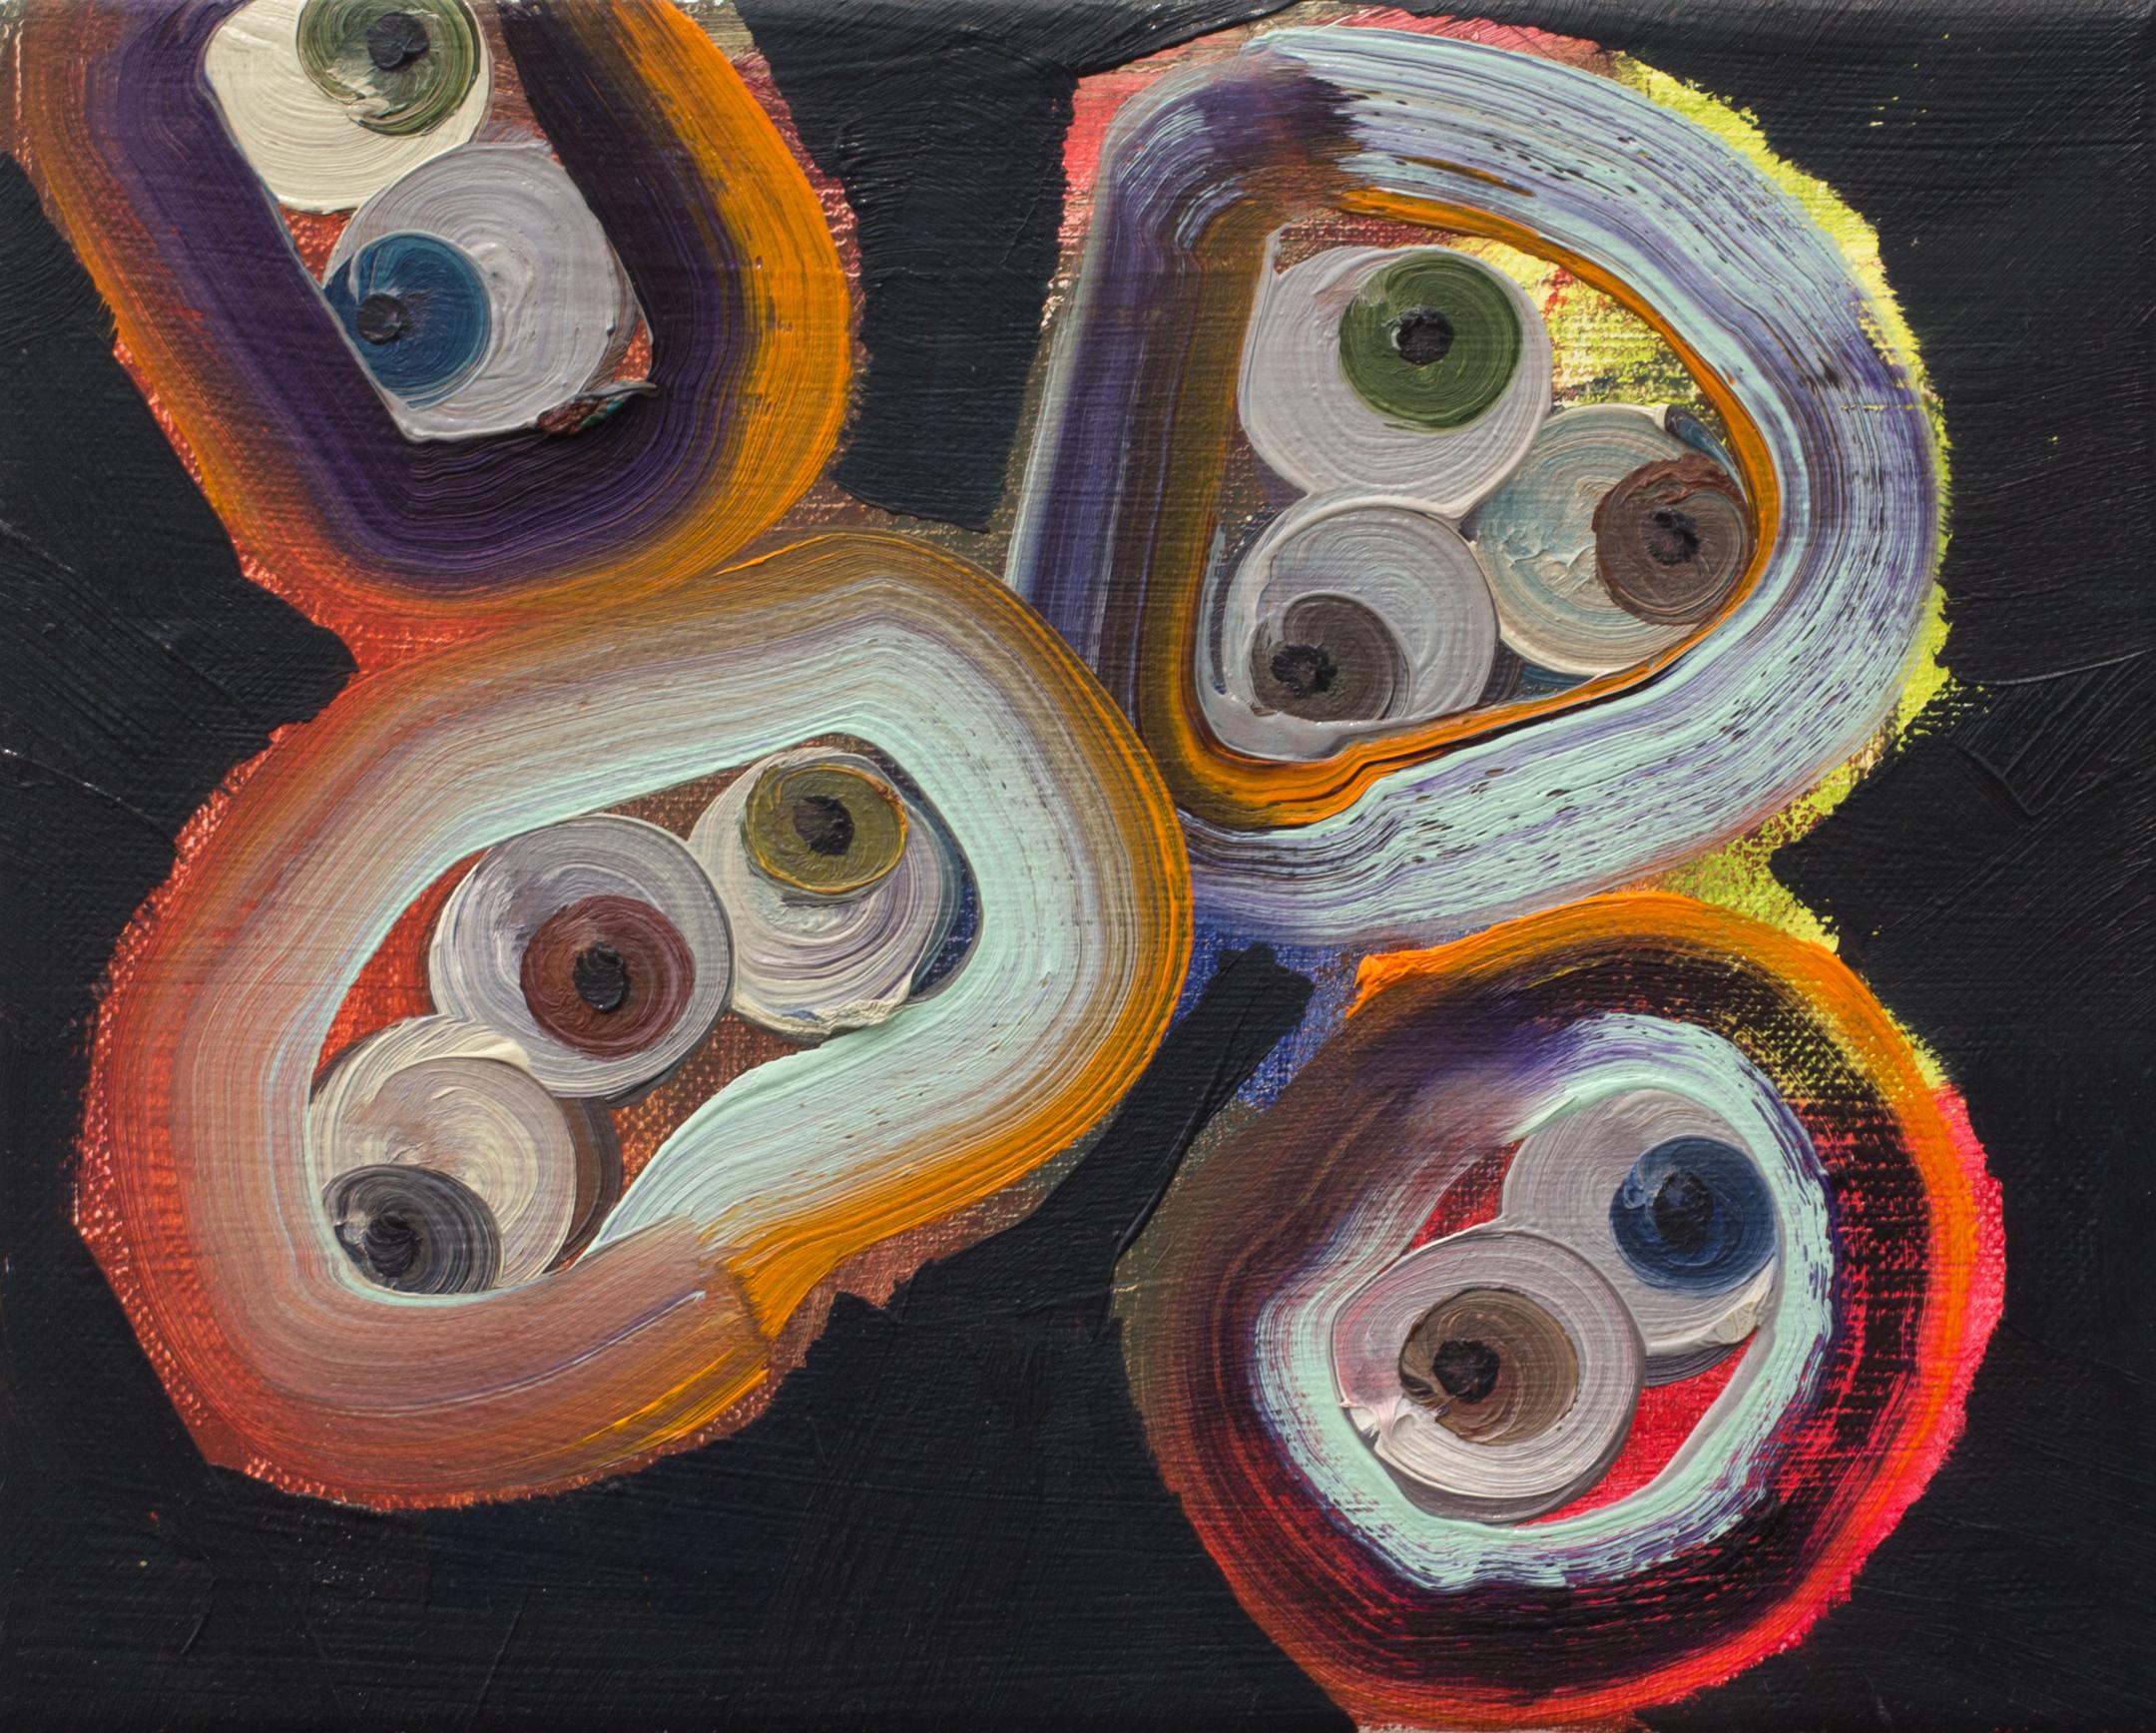 Eyeball Painting #7